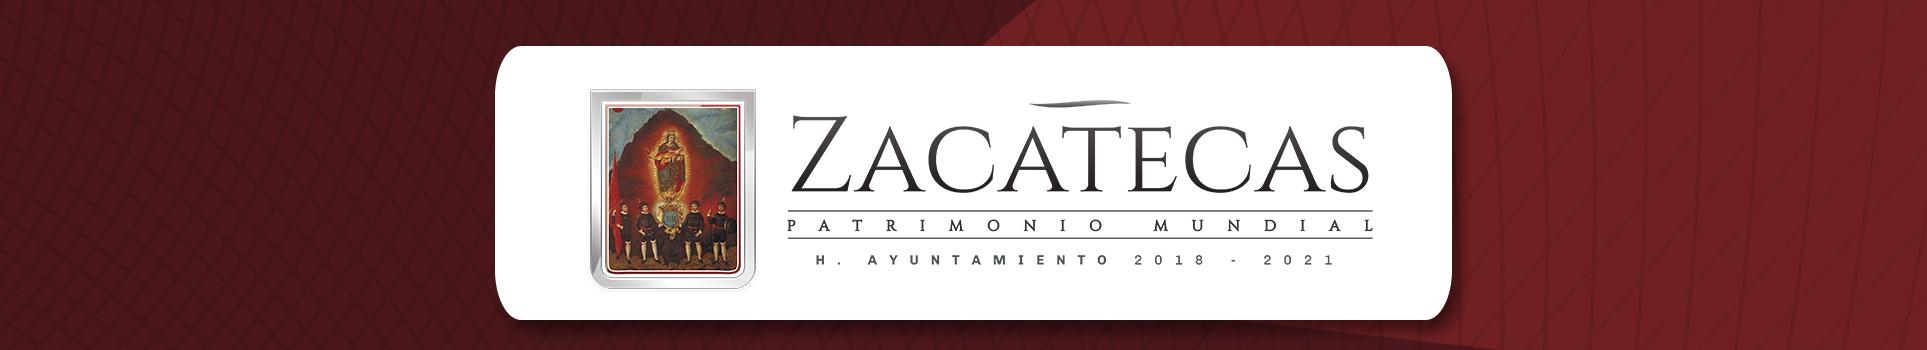 Ayuntamiento Zacatecas